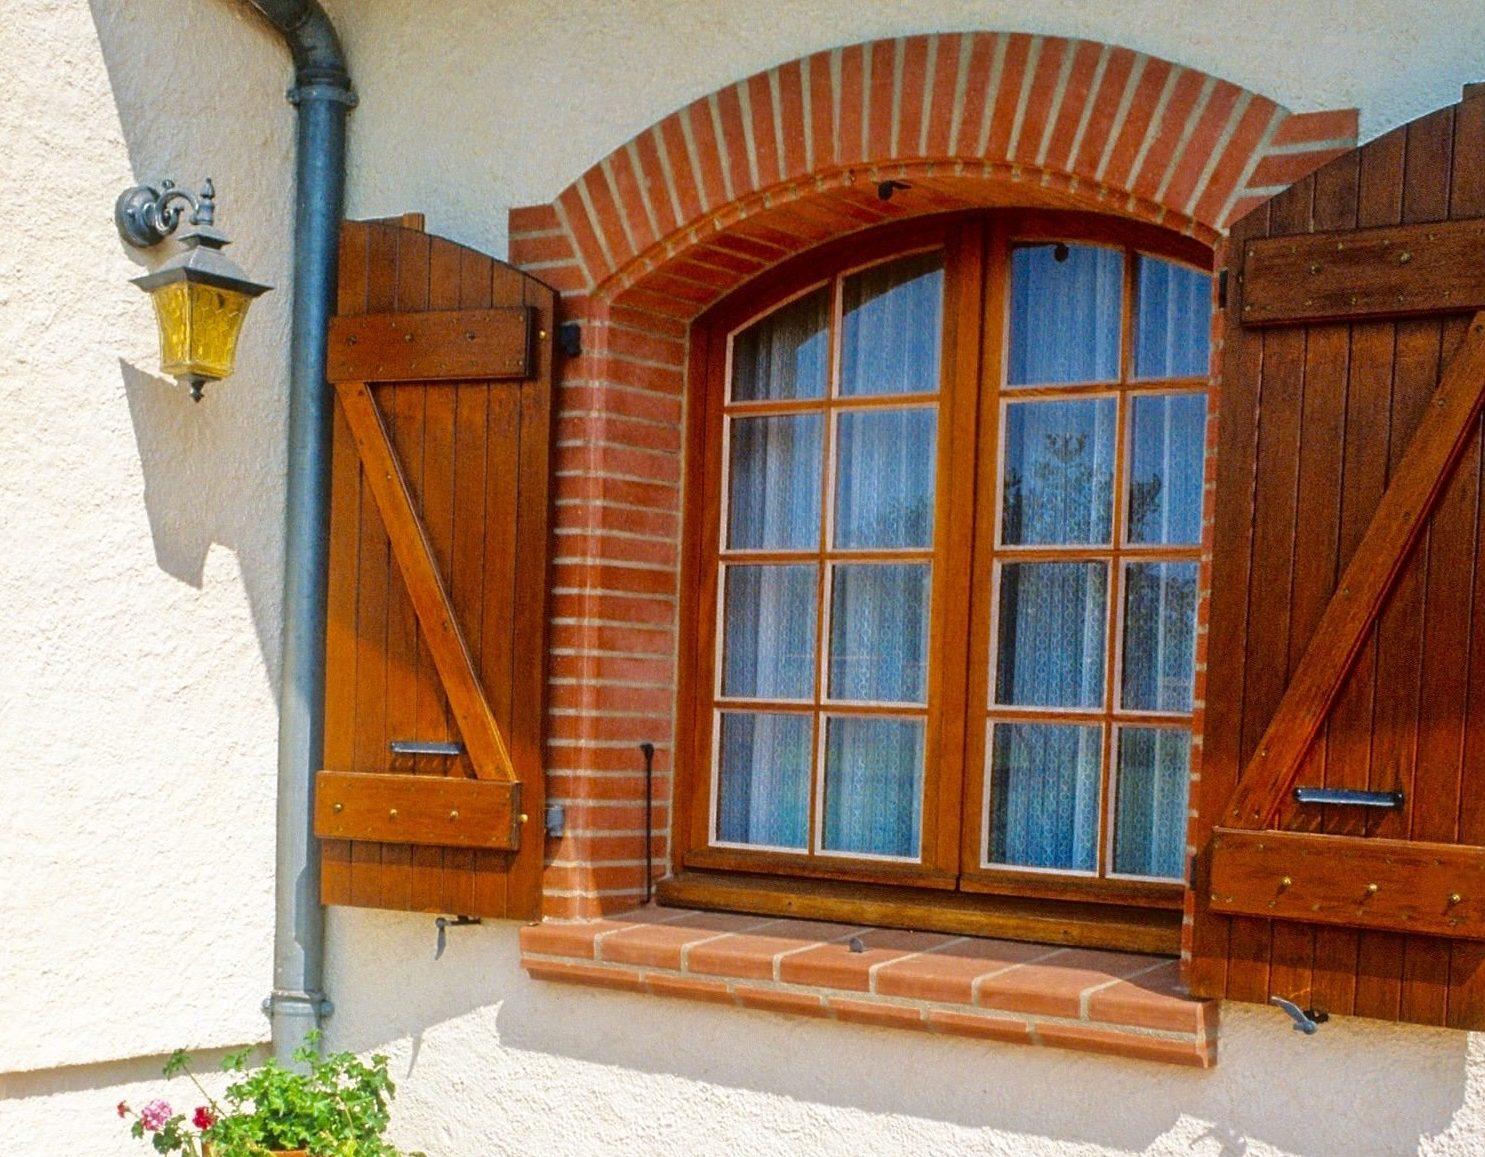 produits-parements-encadrements-portes-fenetres-appuie-de-baie-brique-nagen-artisanat